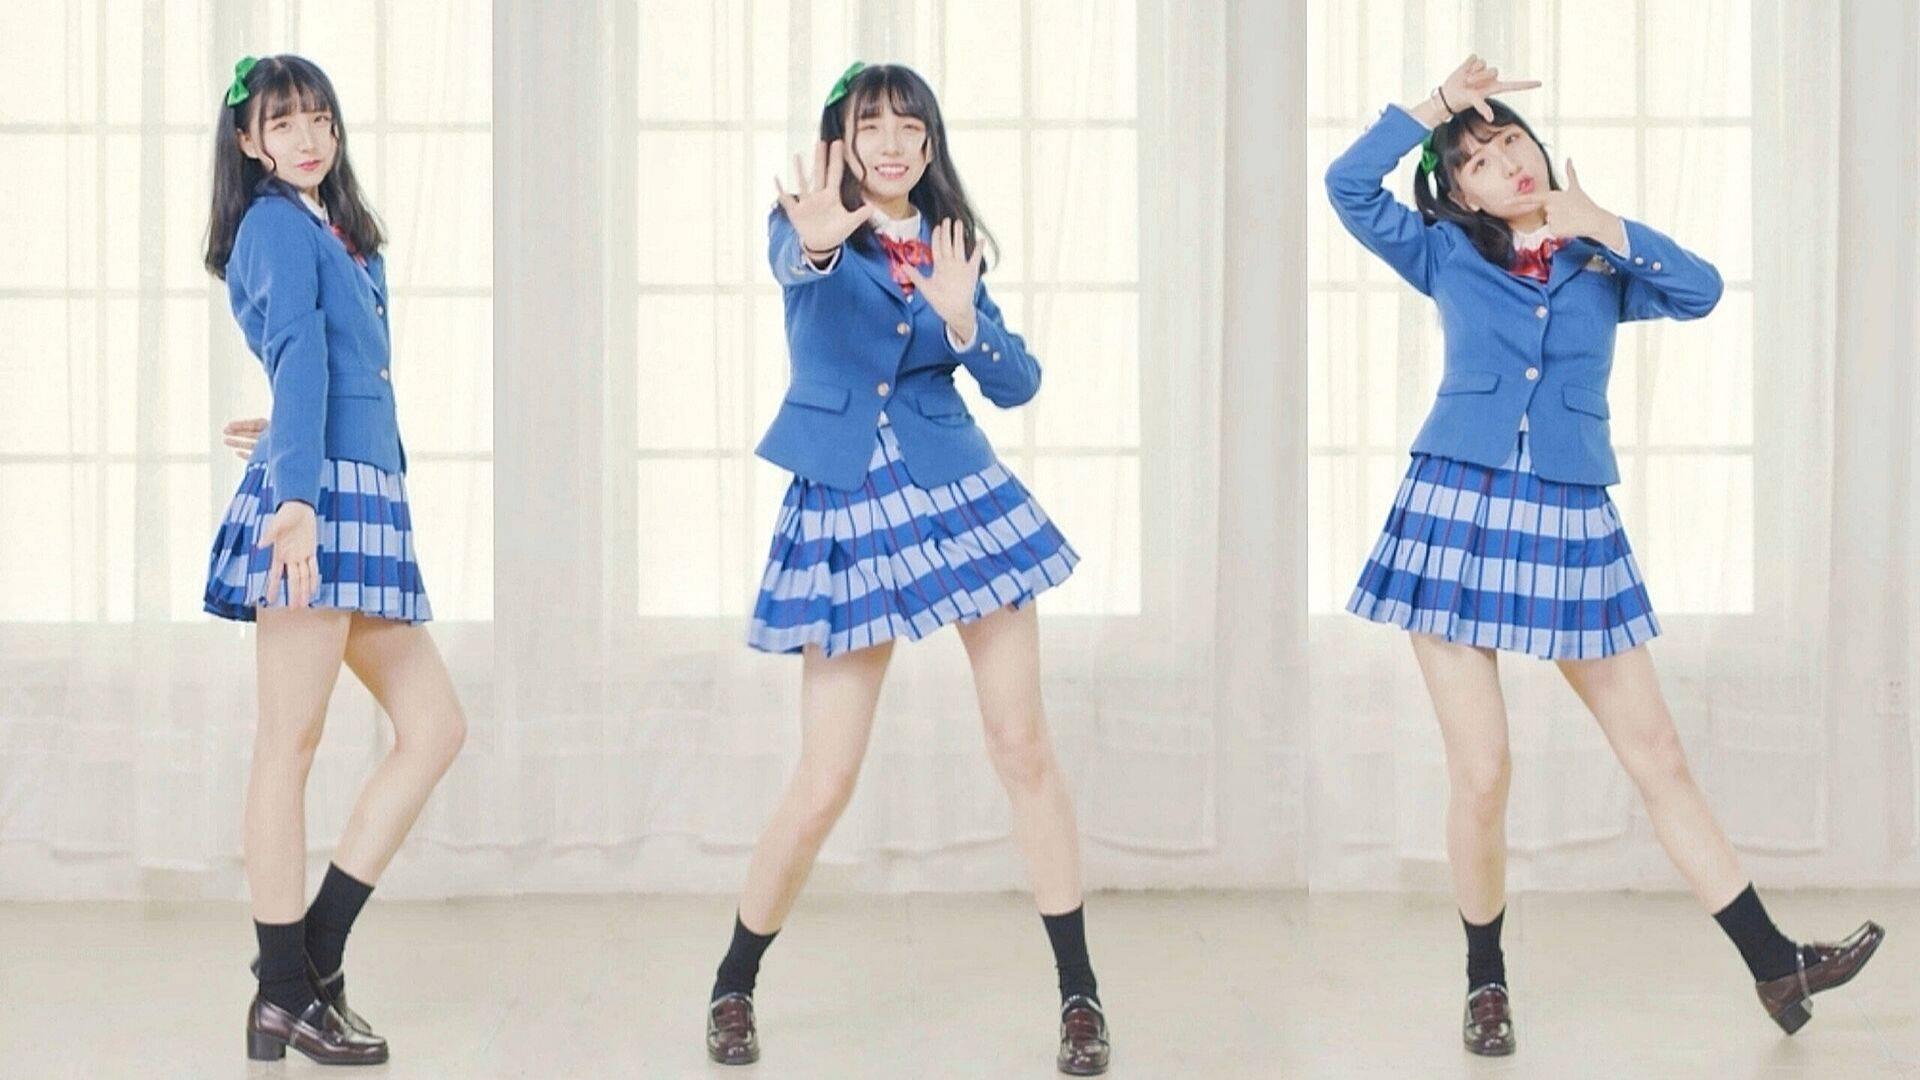 【槿墨】跳一支最初的舞